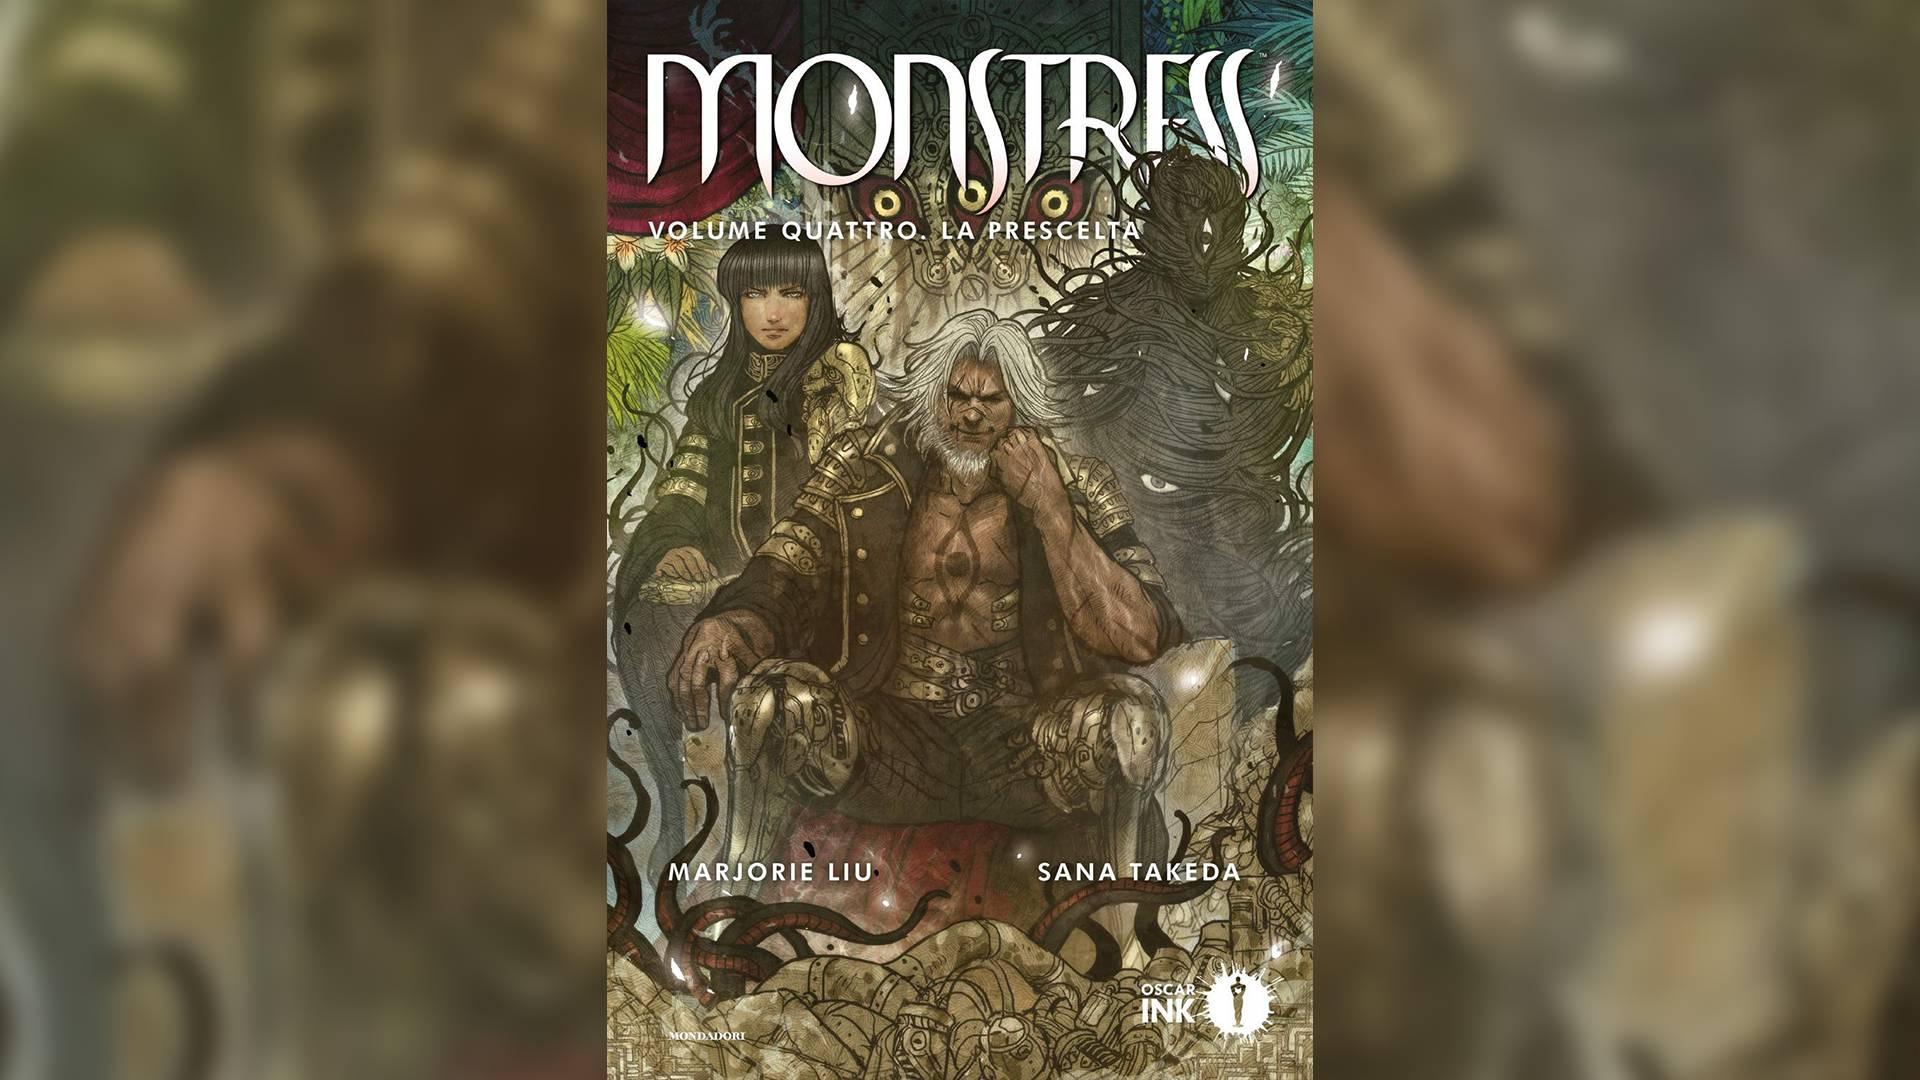 Monstress Vol. 4 - La Prescelta